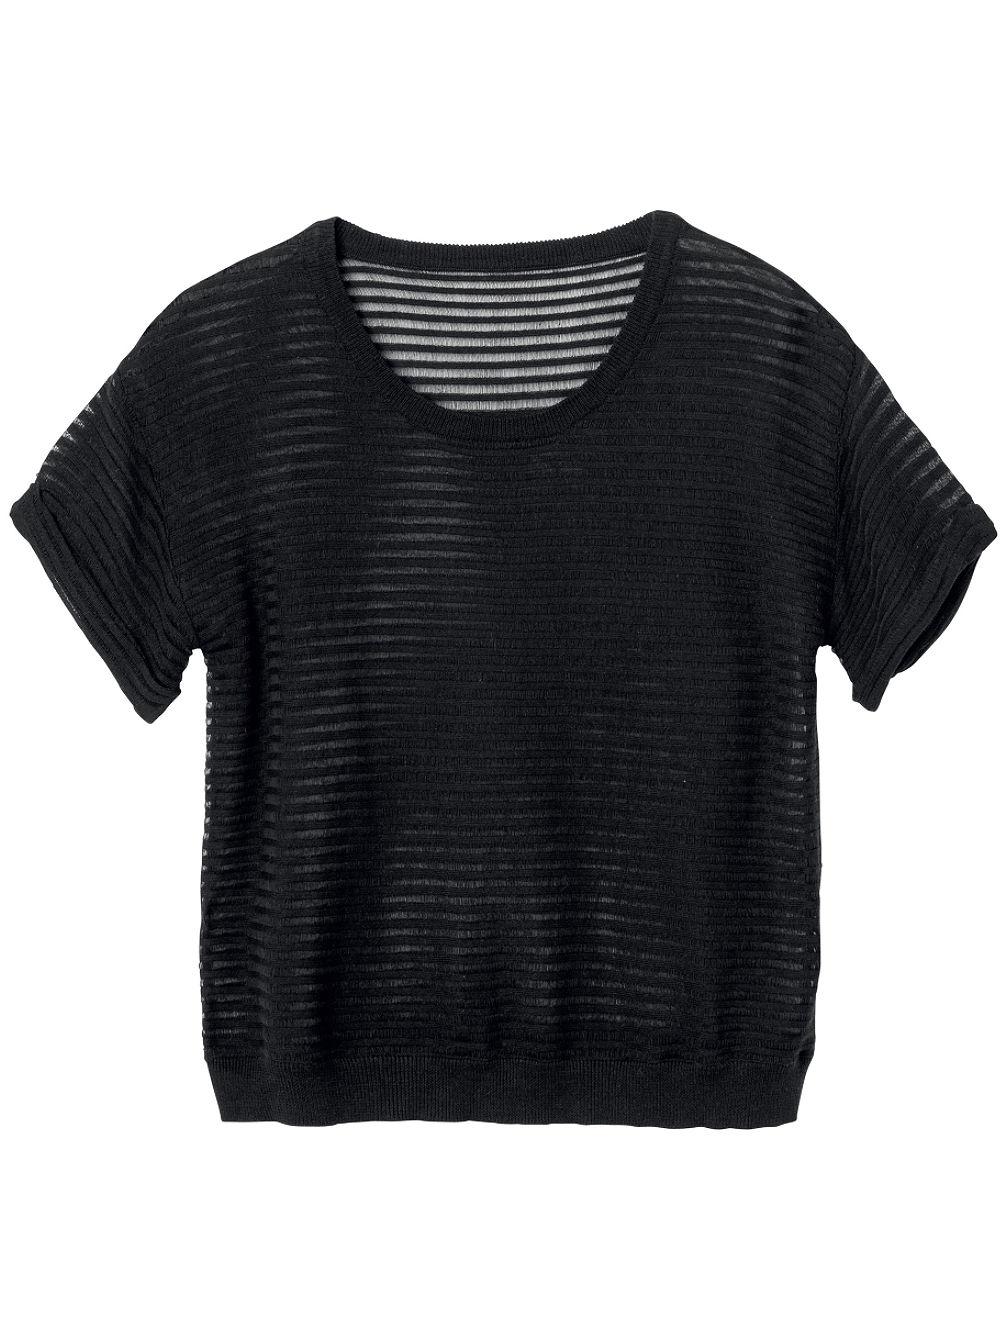 teaser-t-shirt